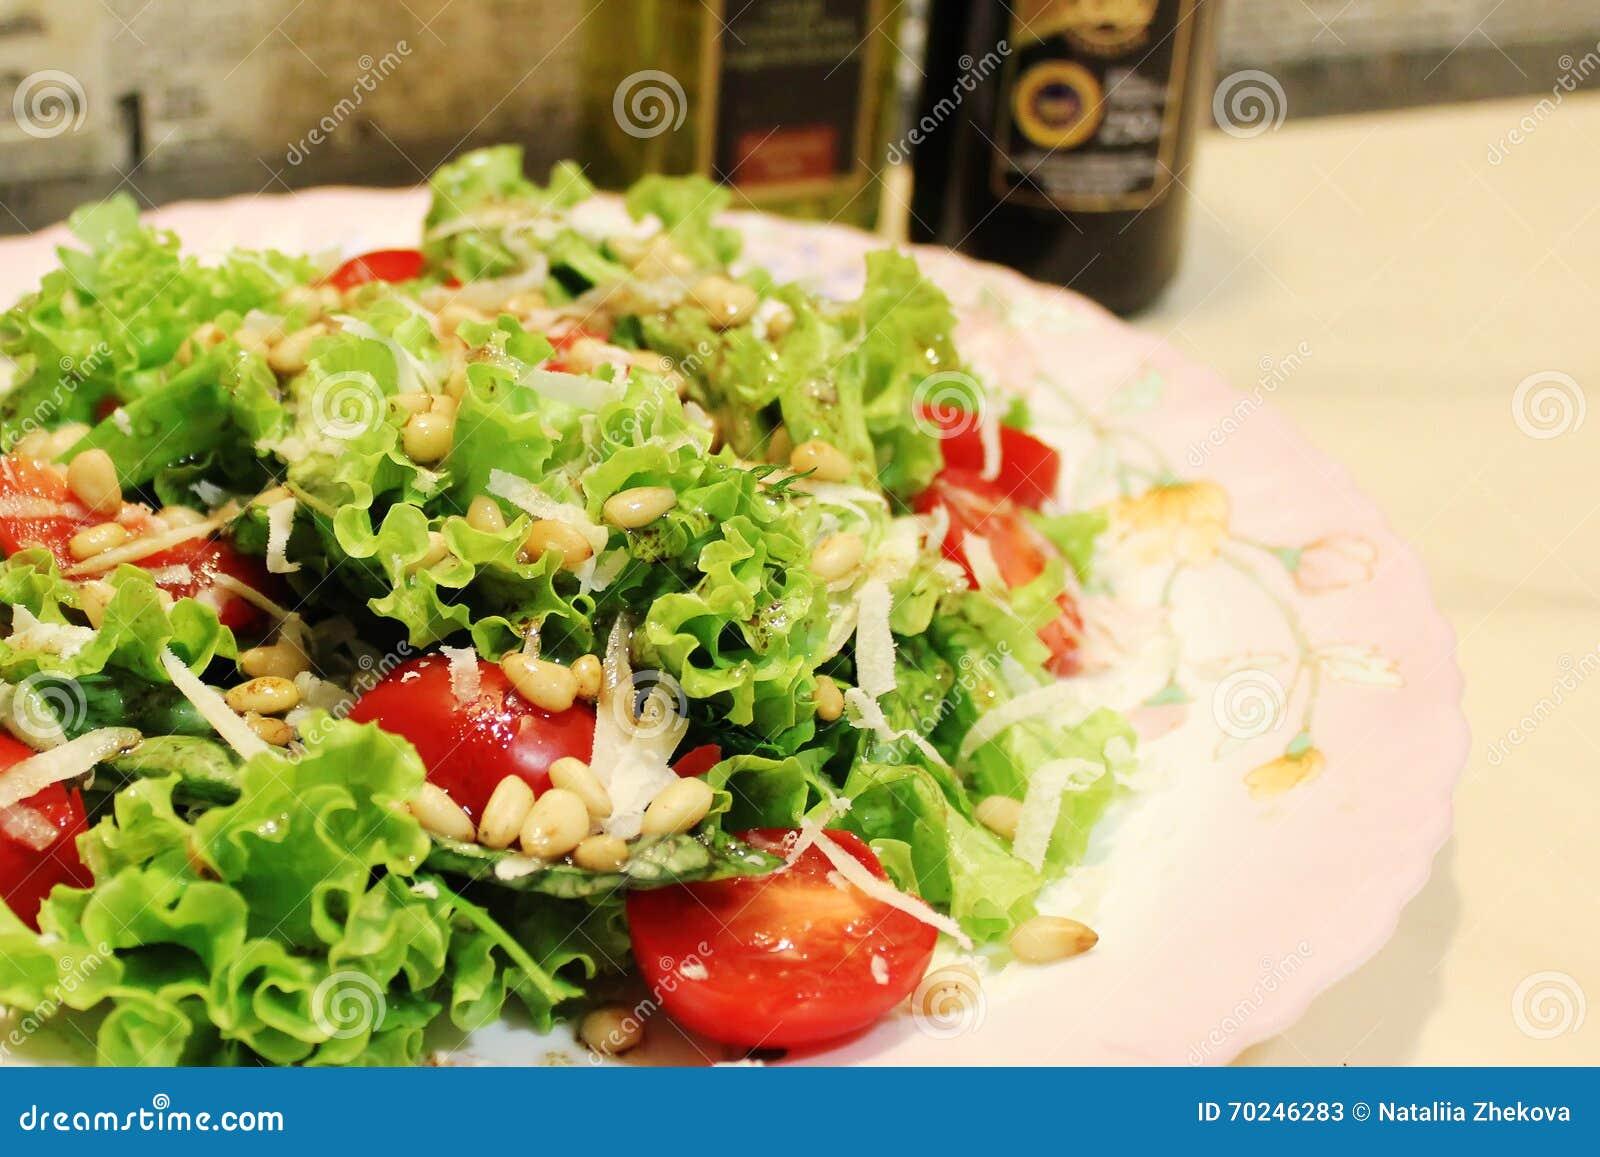 salade verte avec les tomates, le parmesan et les pignons image